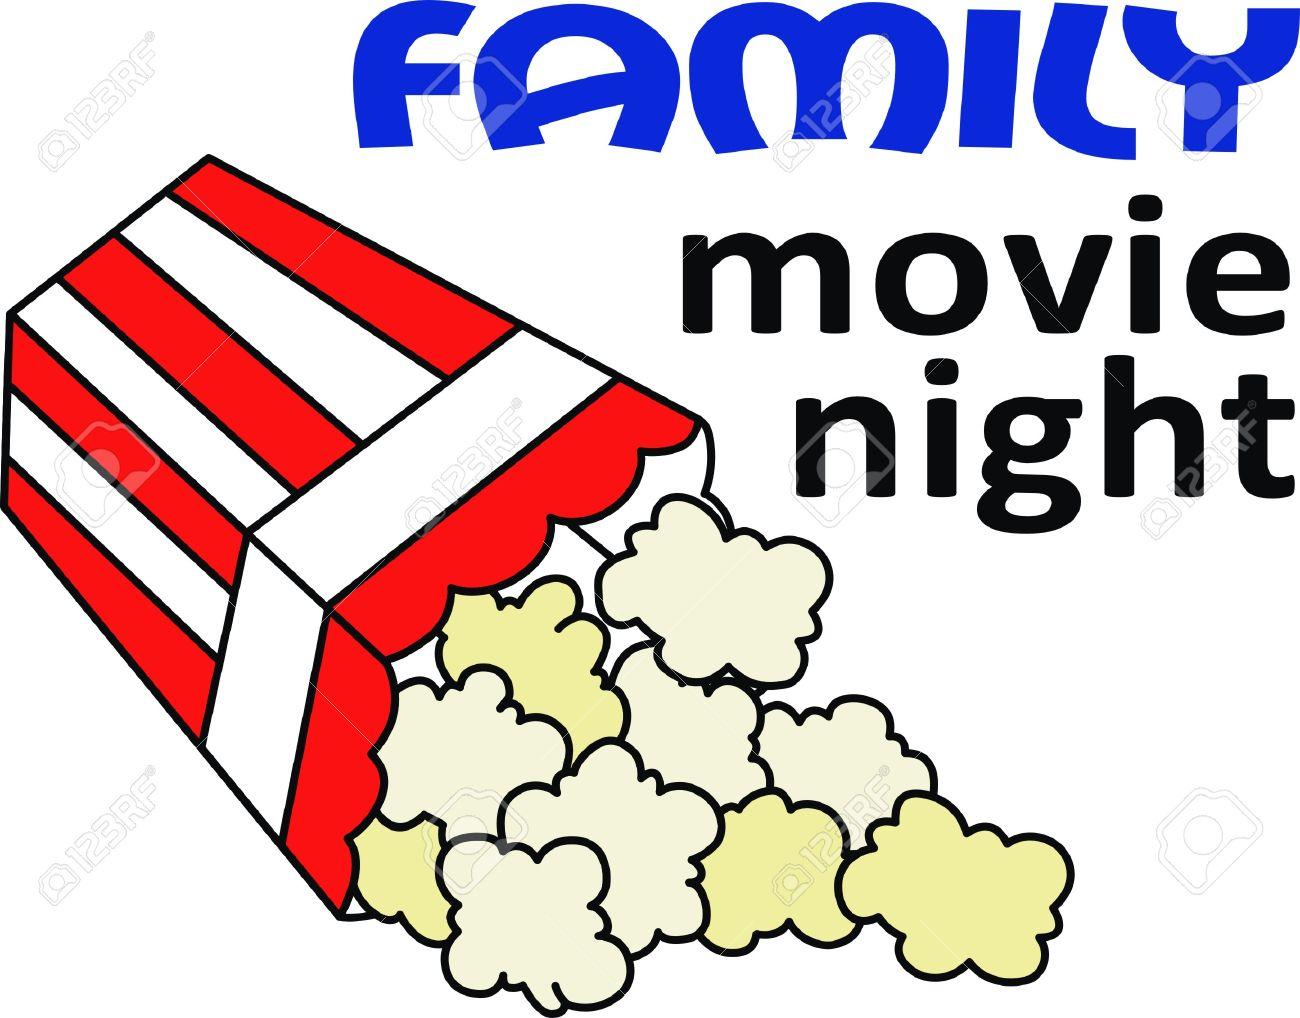 Movie night clipart dfiles